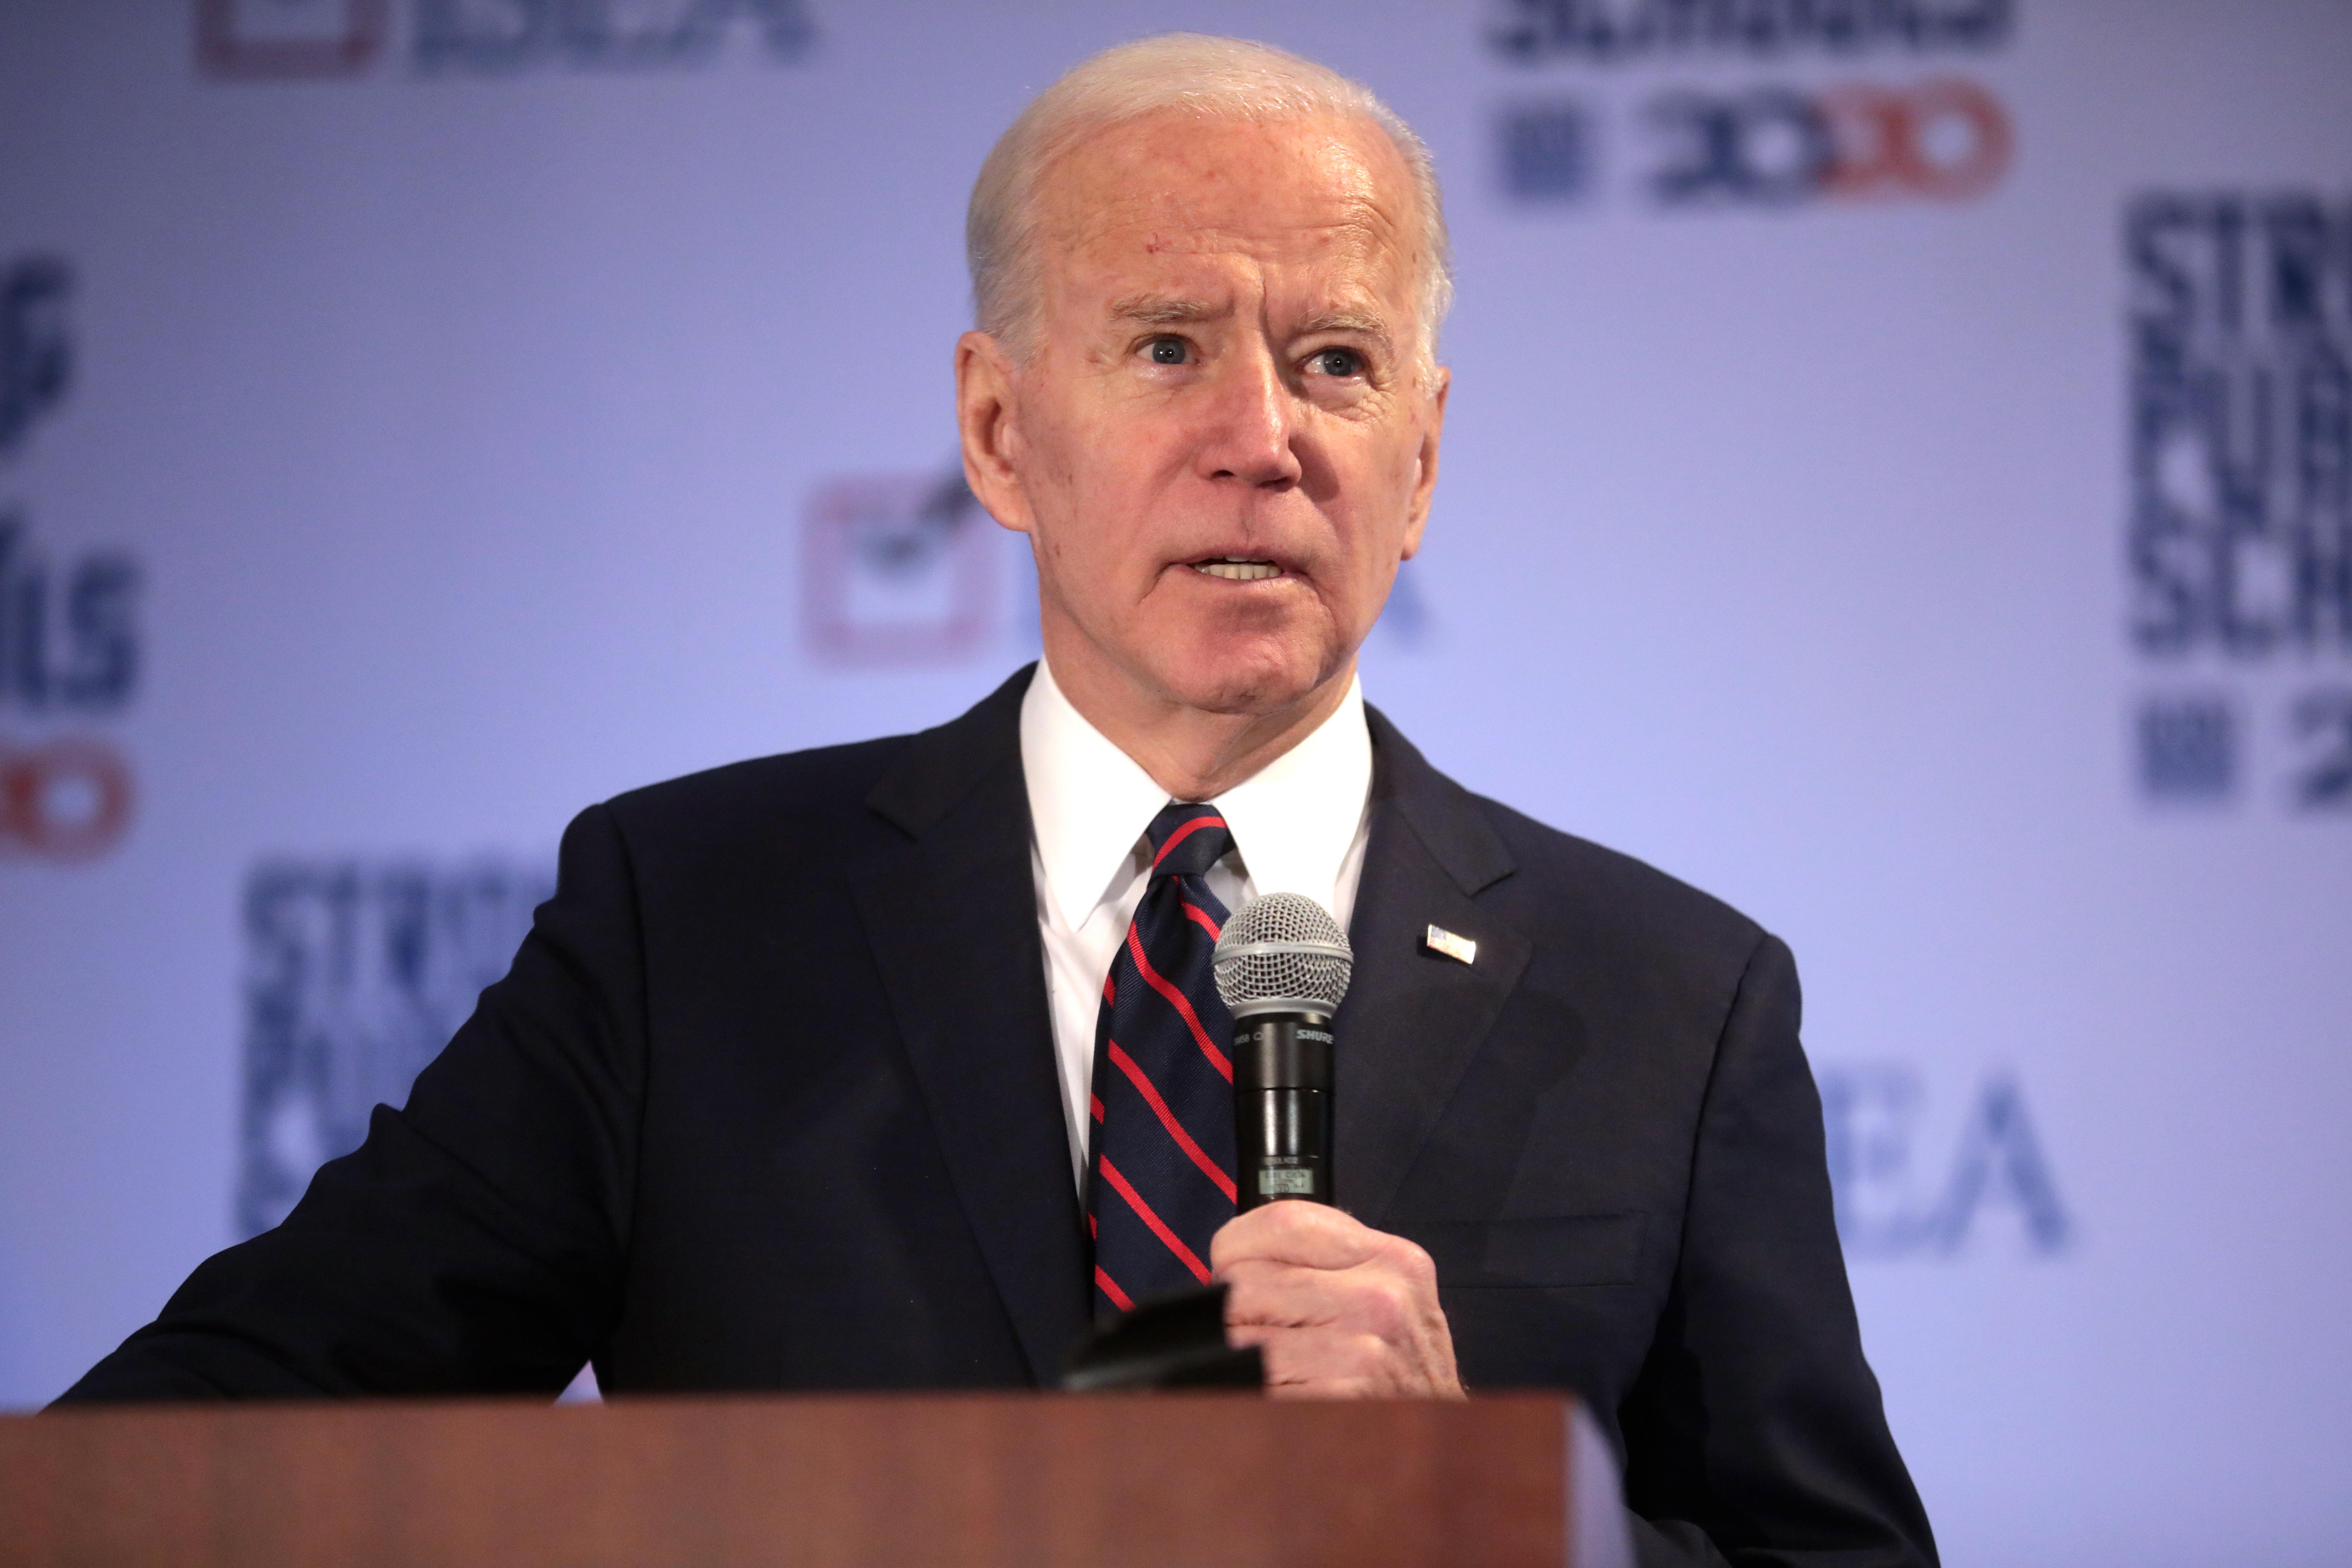 Biden Announces Roadmap to Build a Climate-Resilient Economy